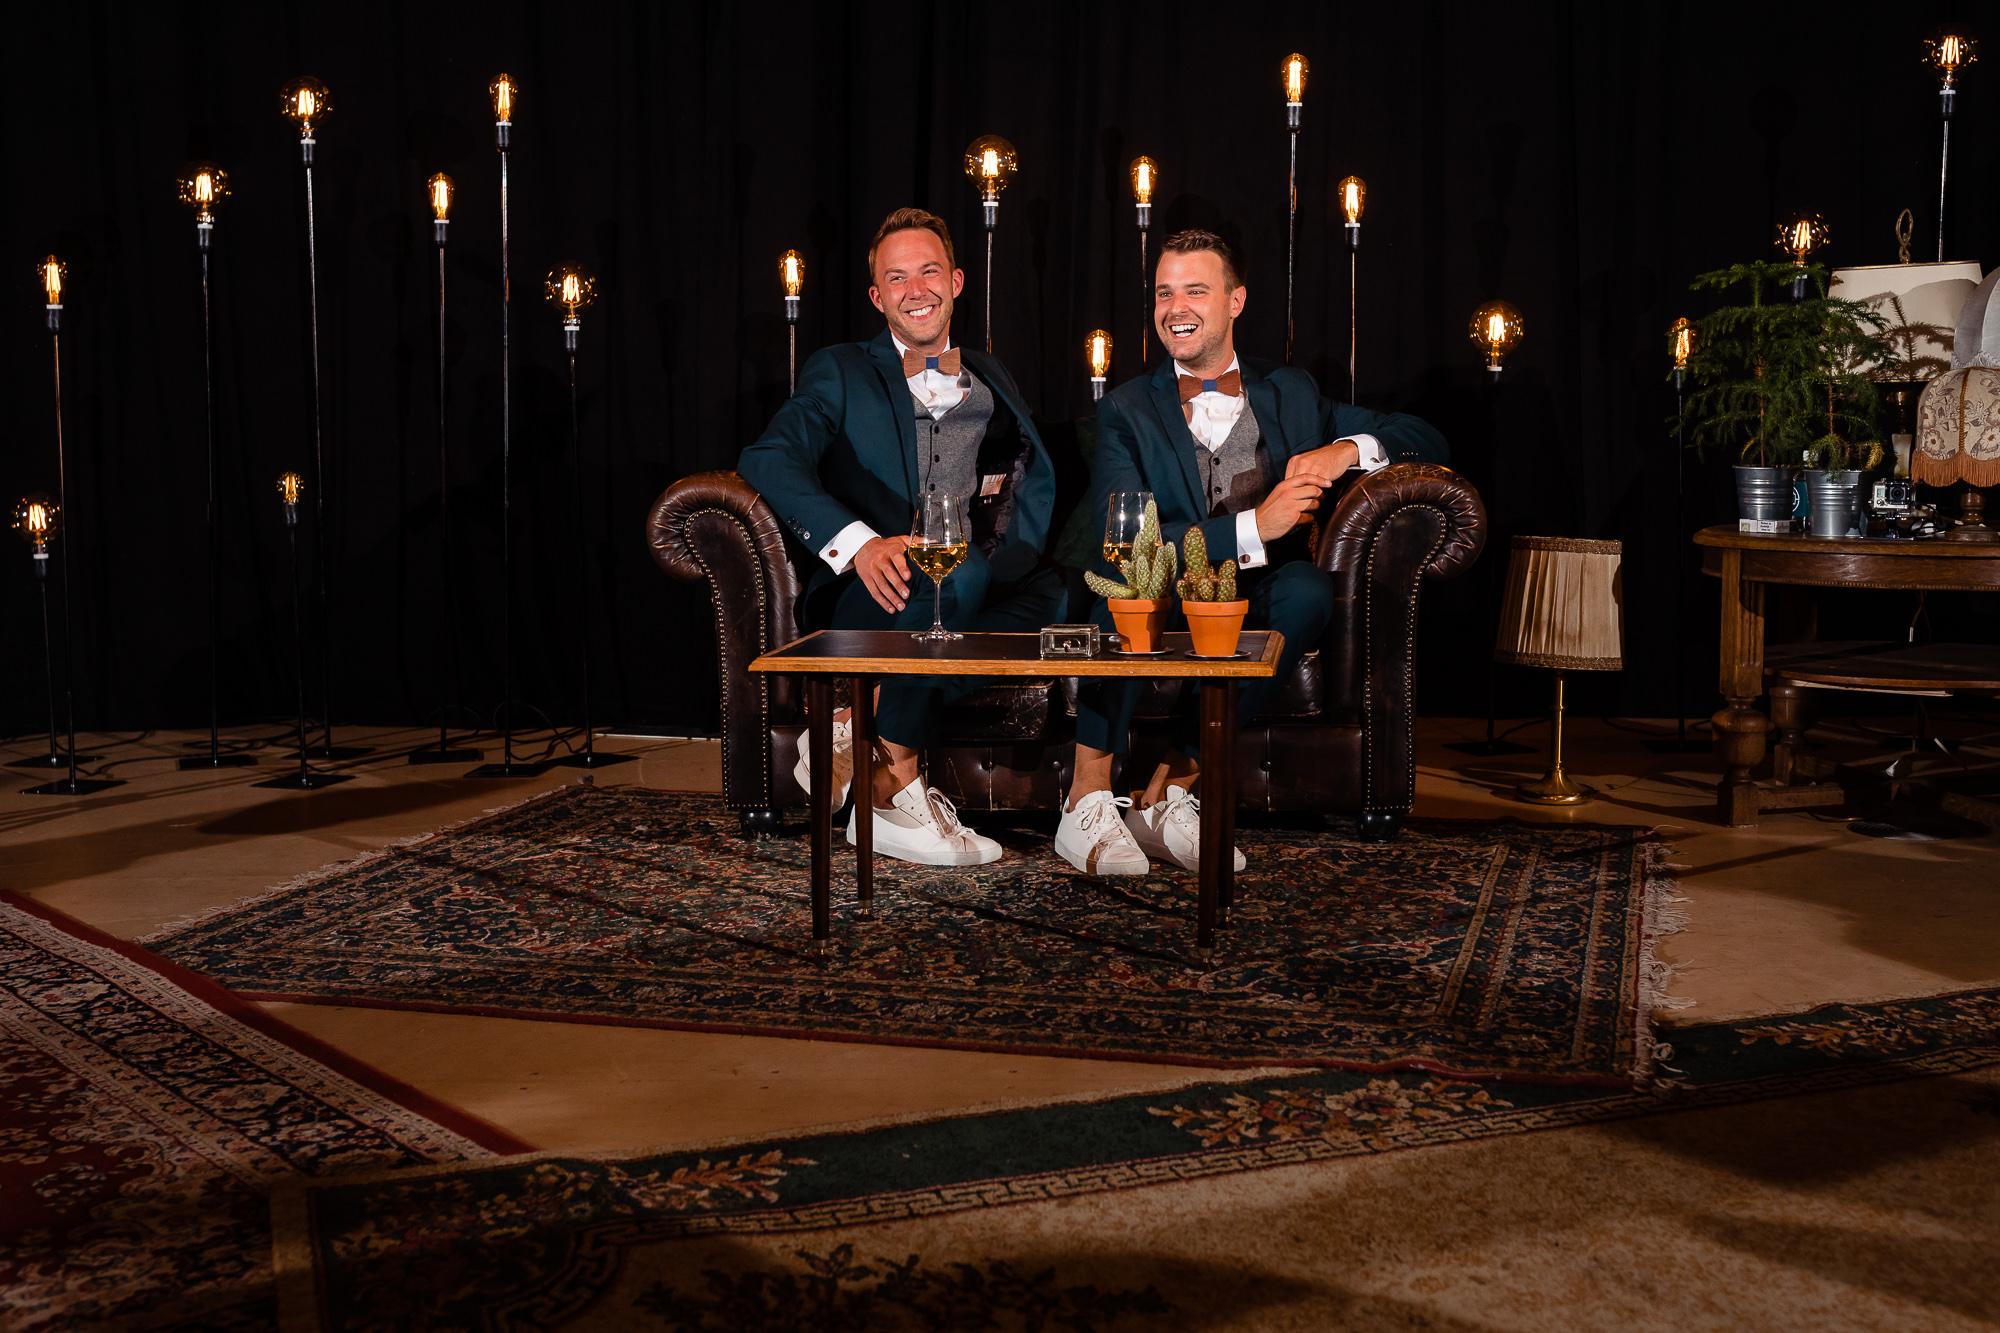 Bruidegoms op een chesterfield tijdens de ceremonie